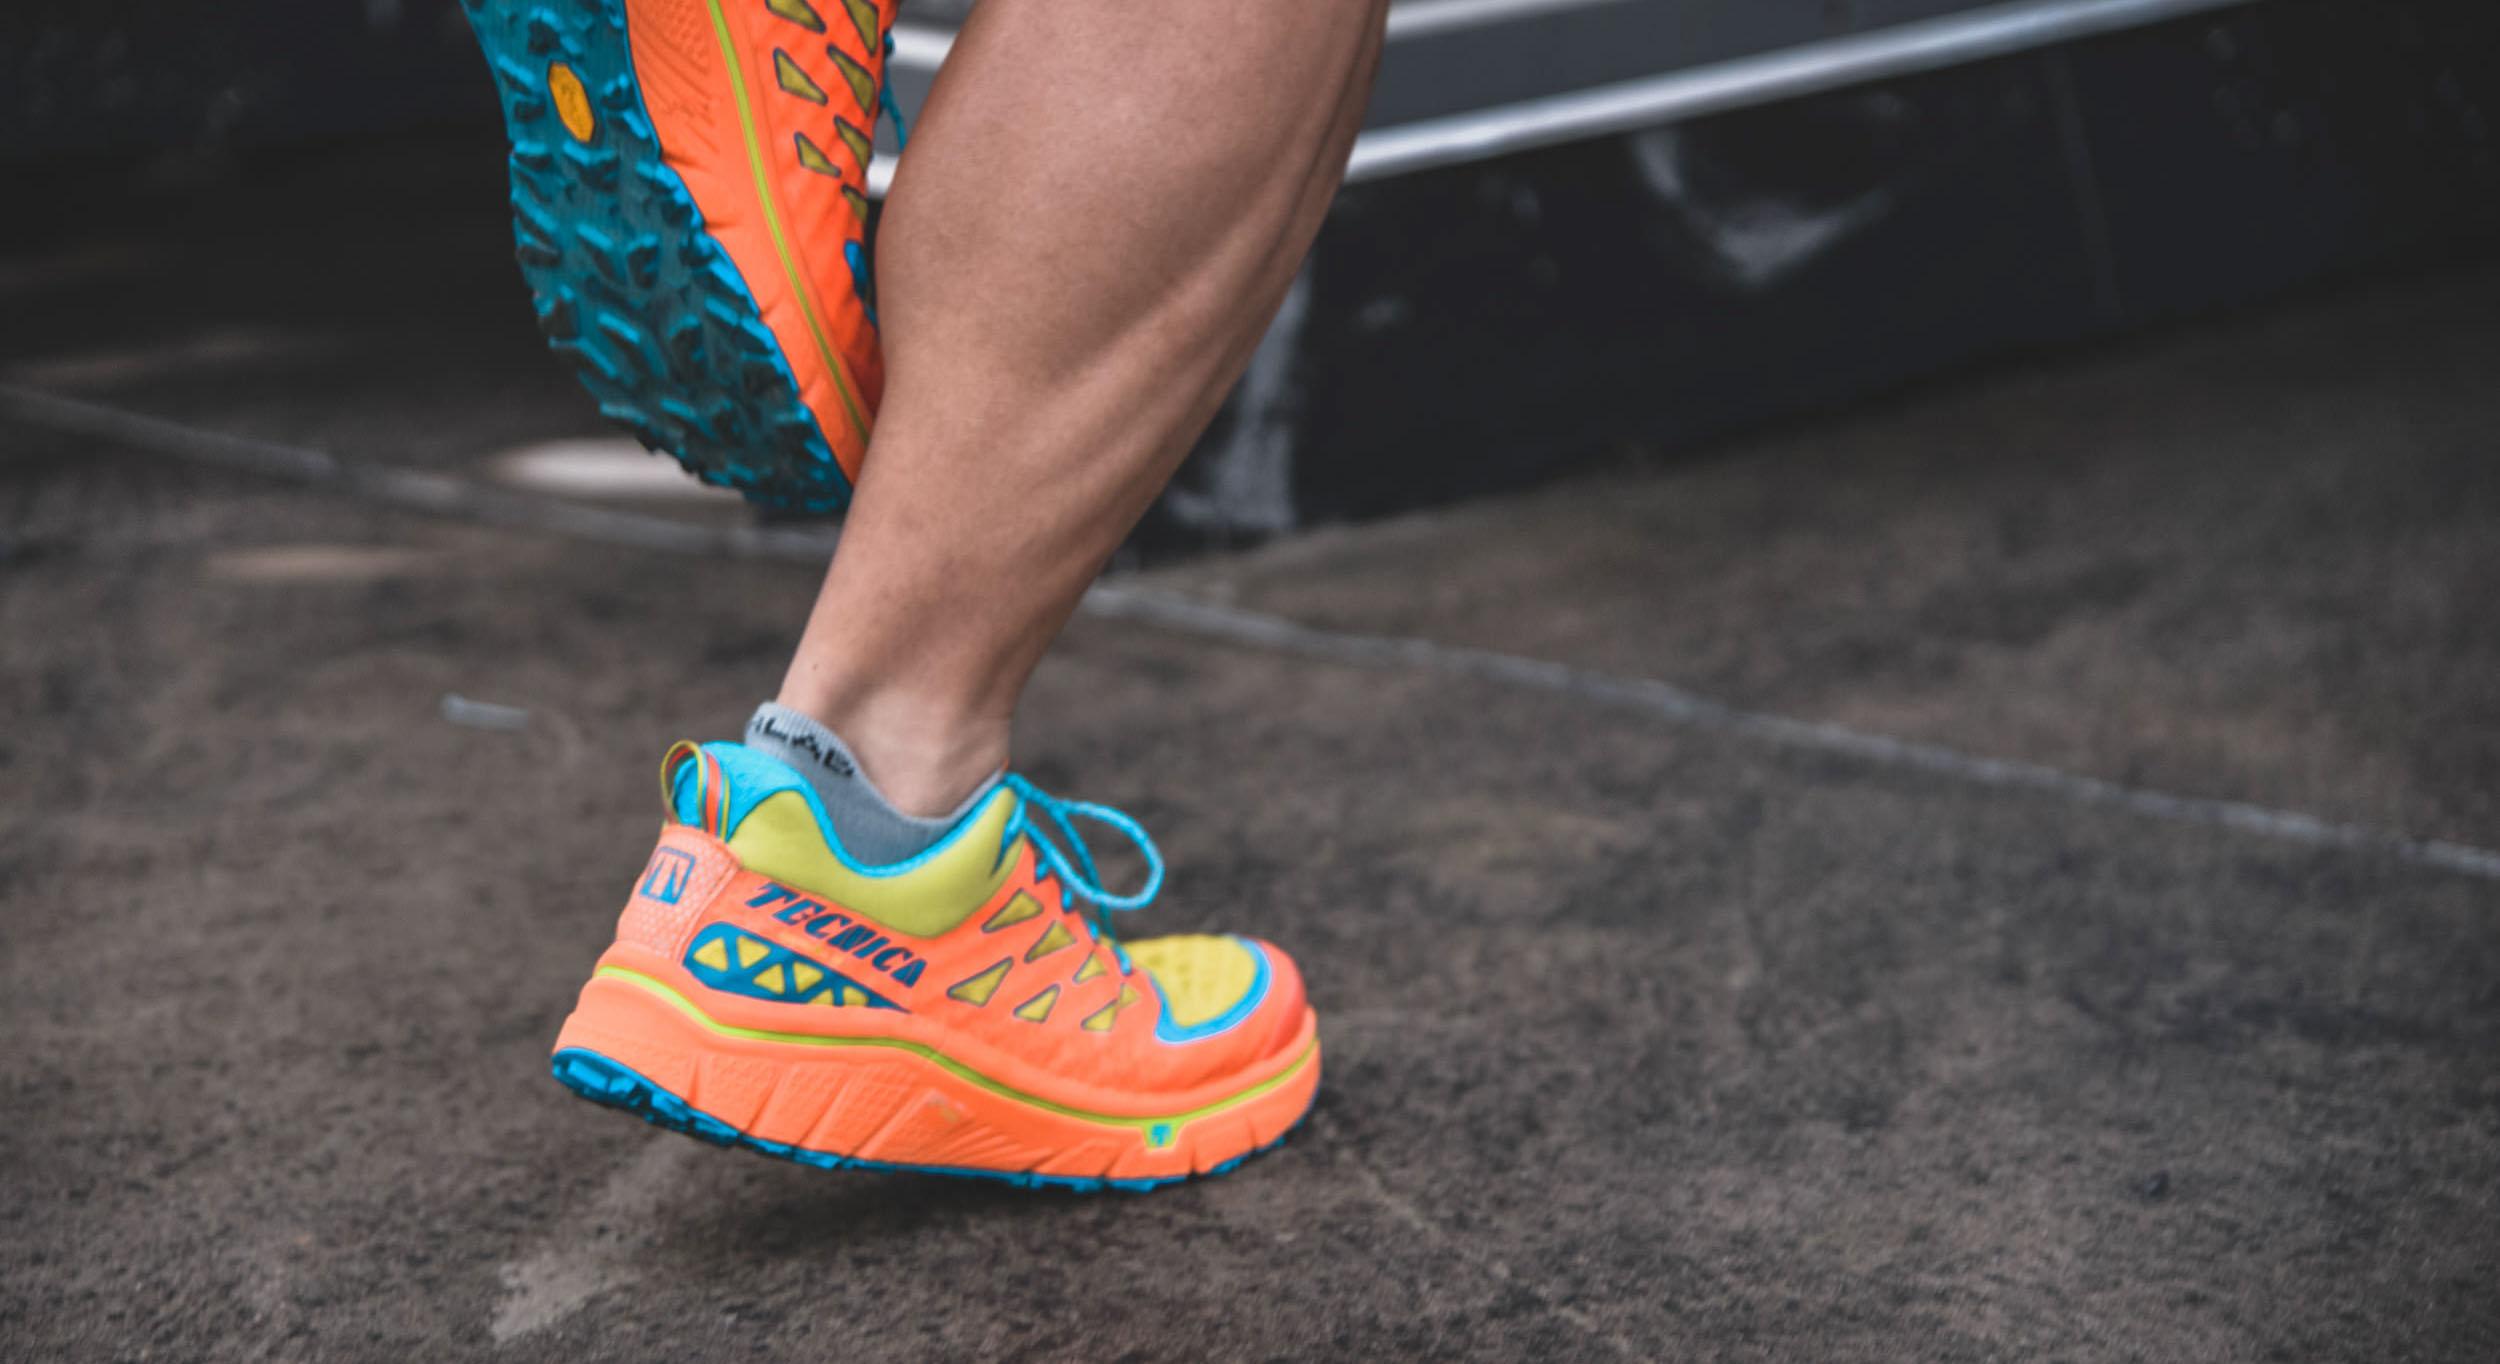 跑鞋 | Tecnica Supreme Max 3.0评测 究竟至尊在哪里